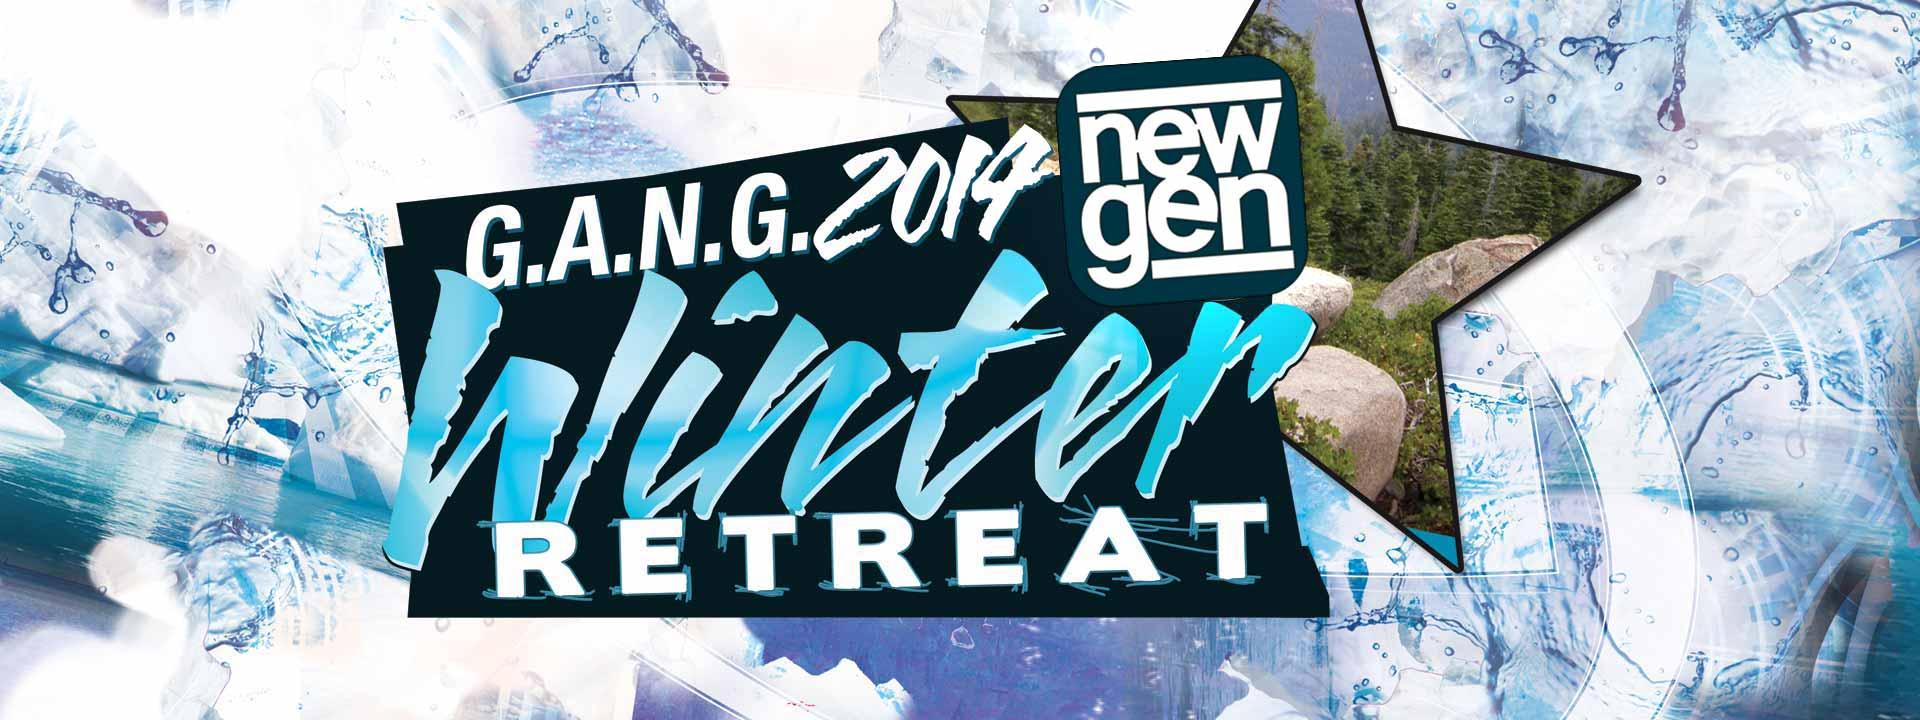 voi-poster-gang-wr-2014-newgen